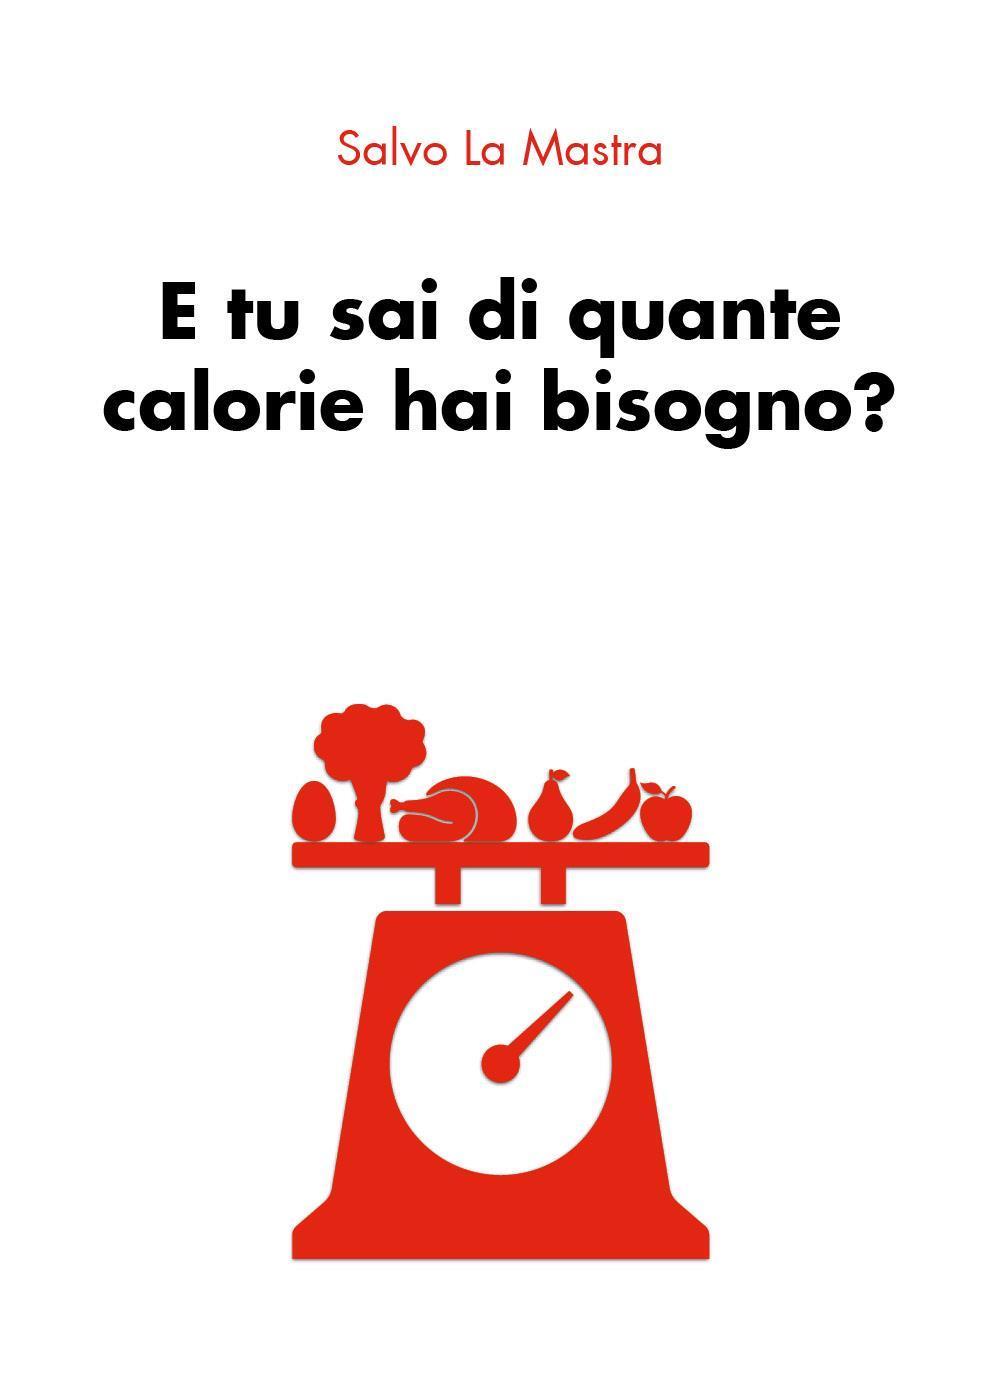 E tu sai di quante calorie hai bisogno?